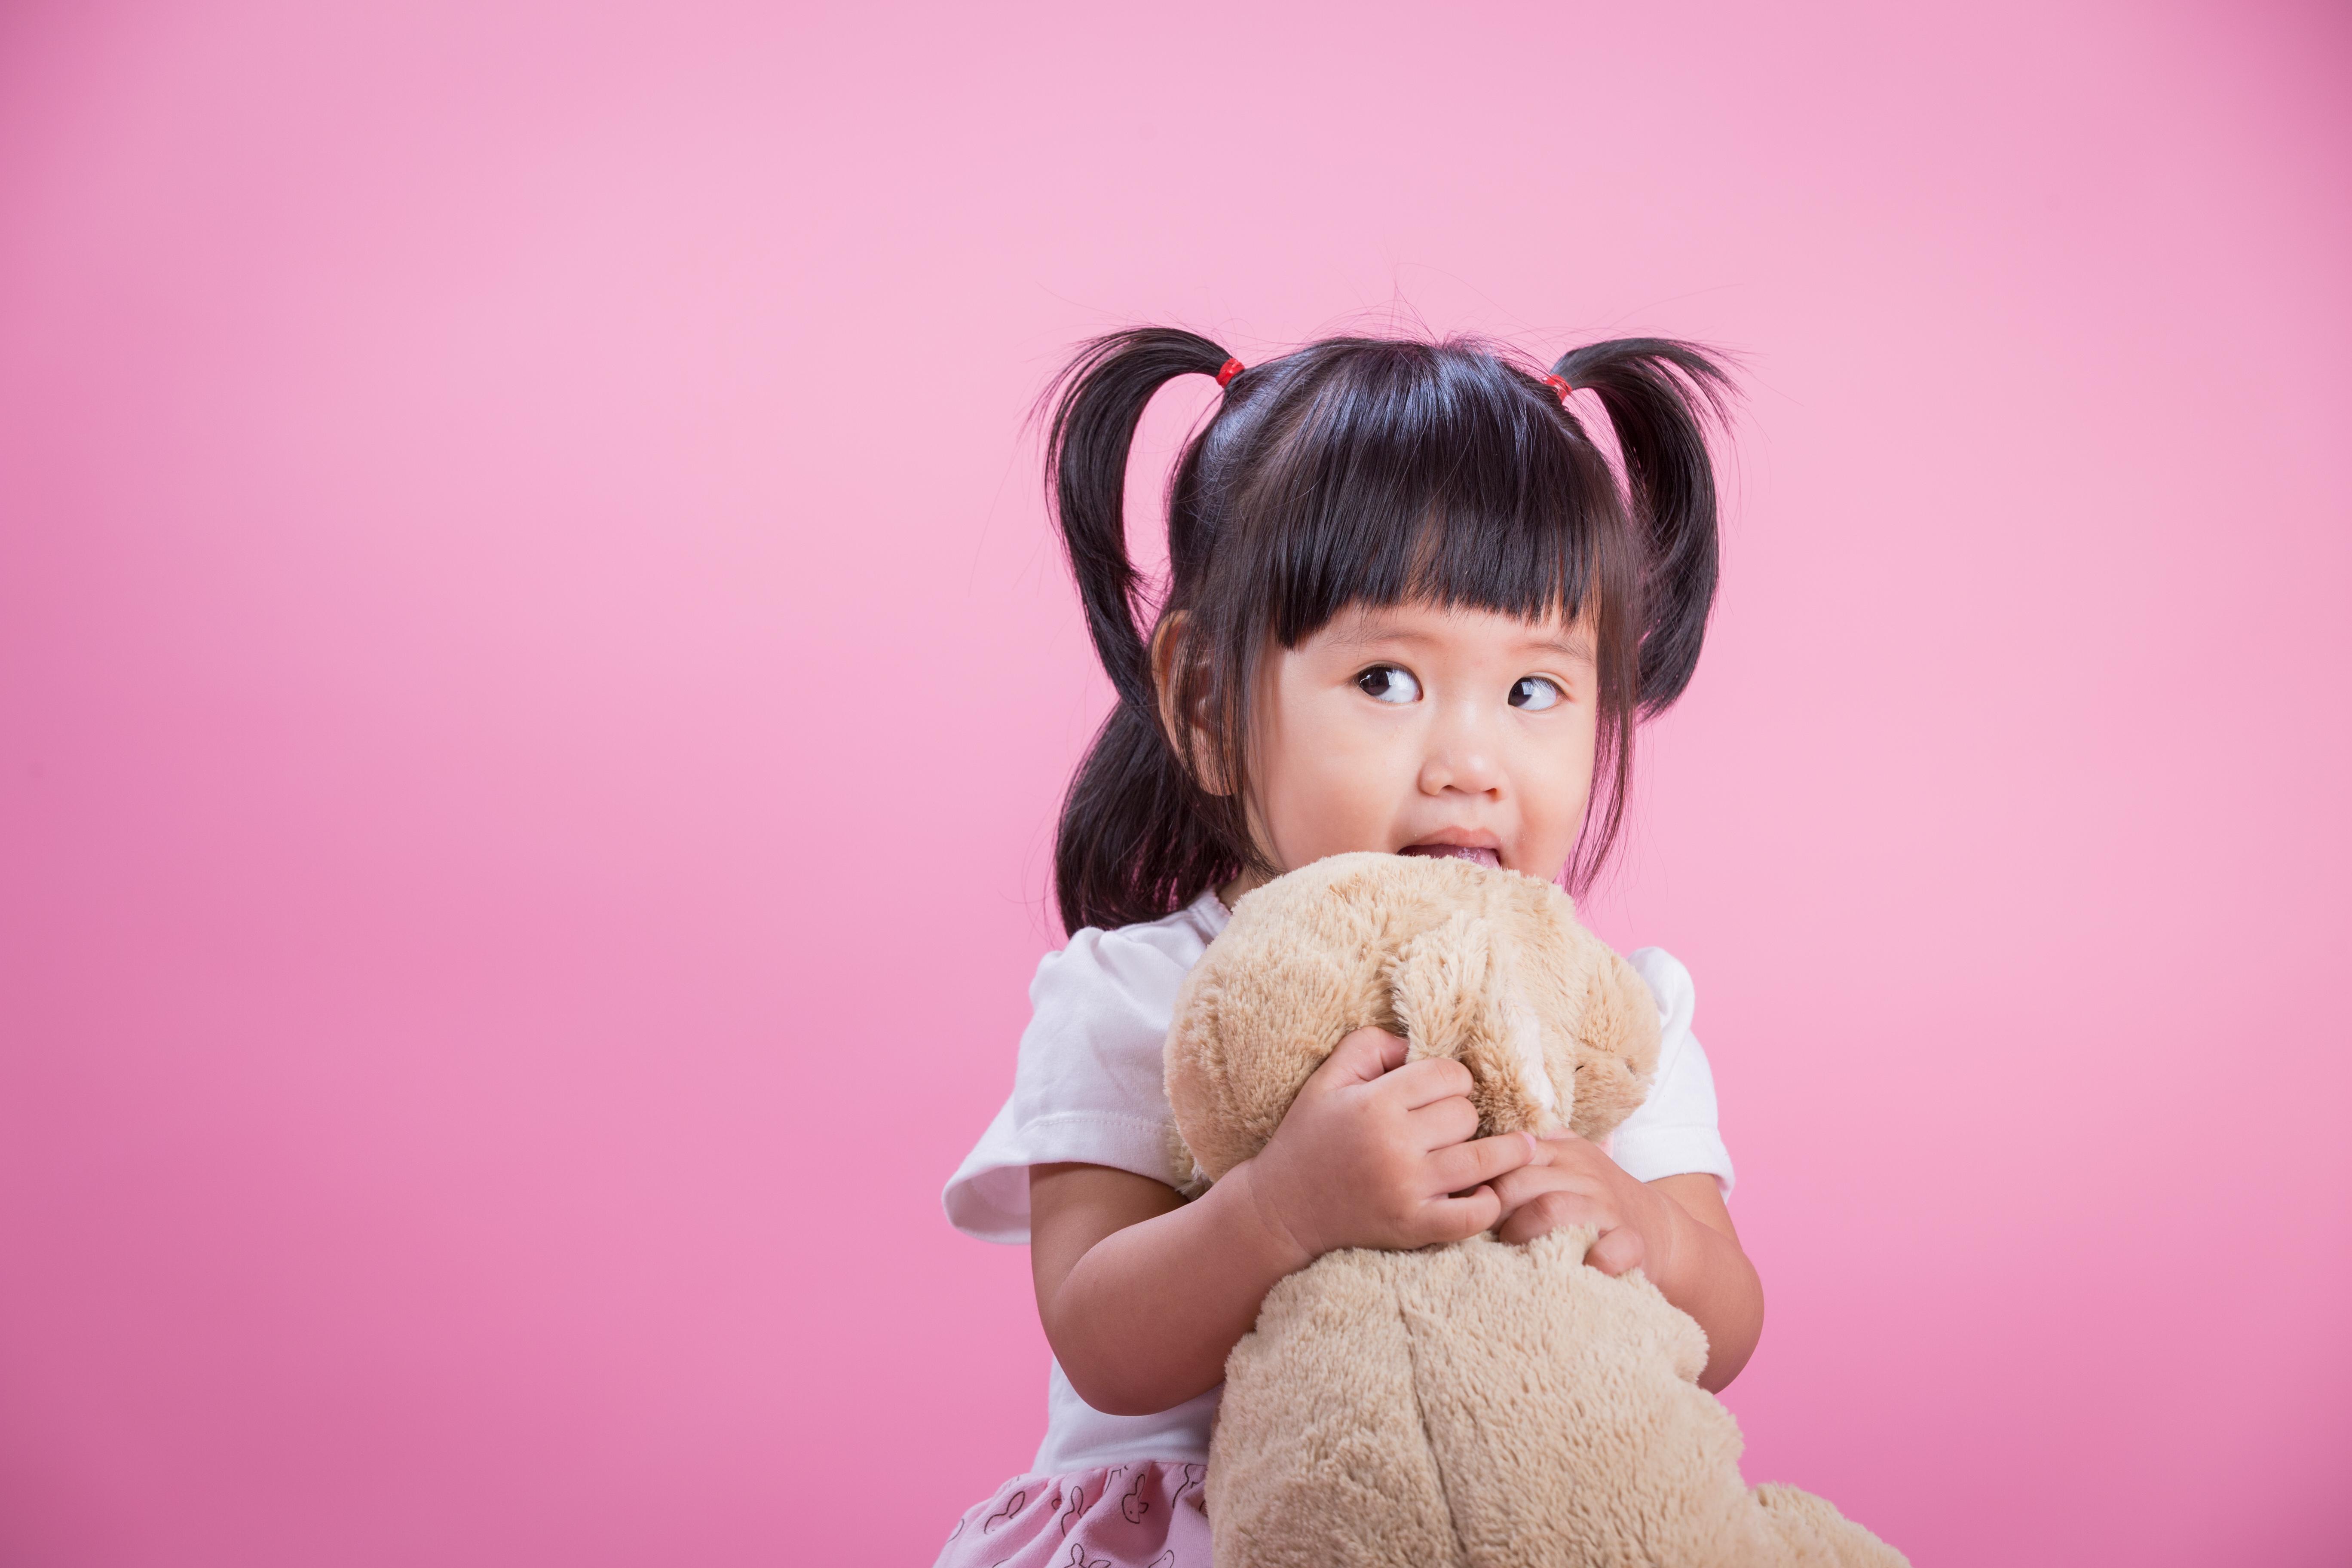 Tanda Perkembangan Bayi Terlambat pada Usia 13 hingga 36 Bulan